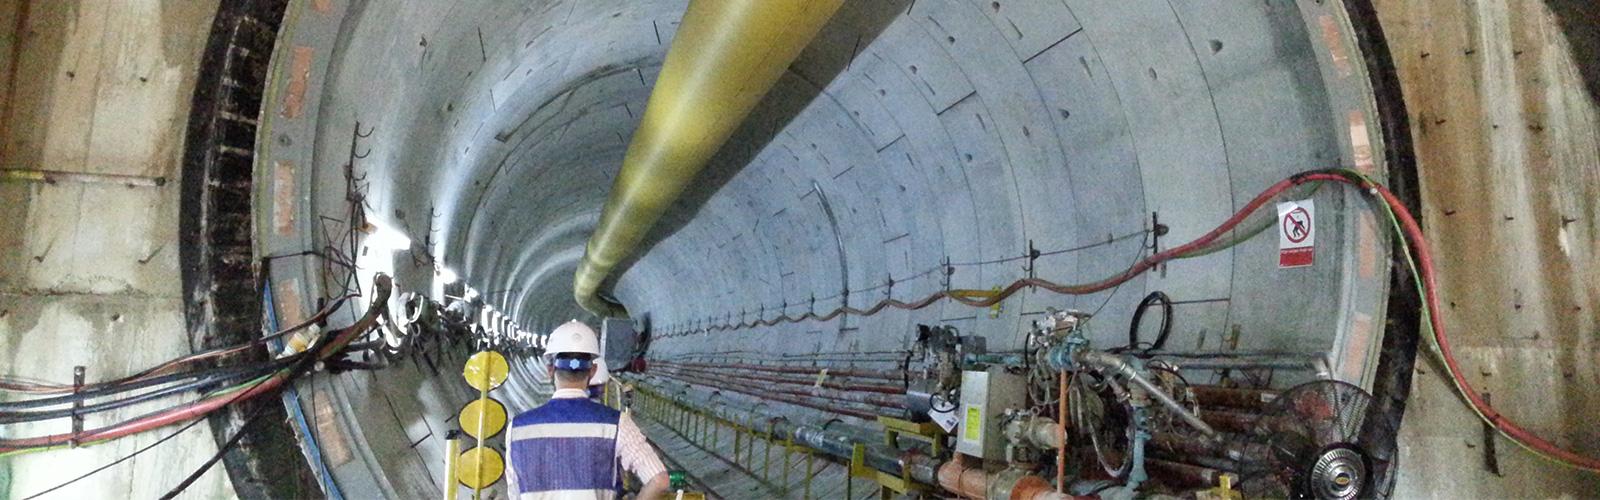 tunnelLining-banner3